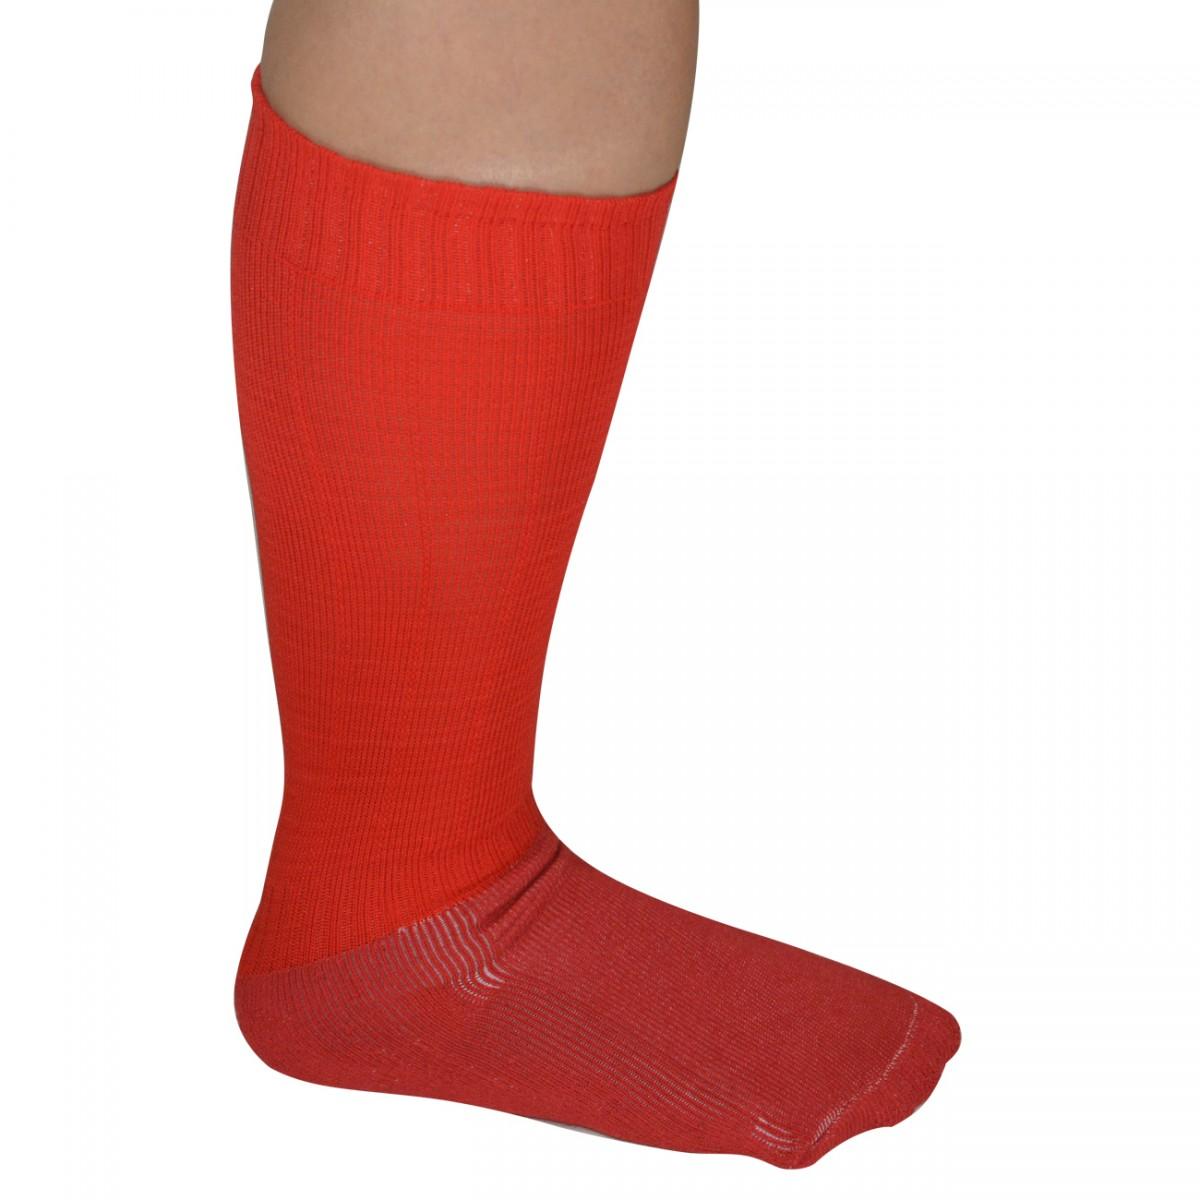 Meião Kanxa Infantil 6111 6111 - Vermelho - Chuteira Nike 5b5e0860a5557